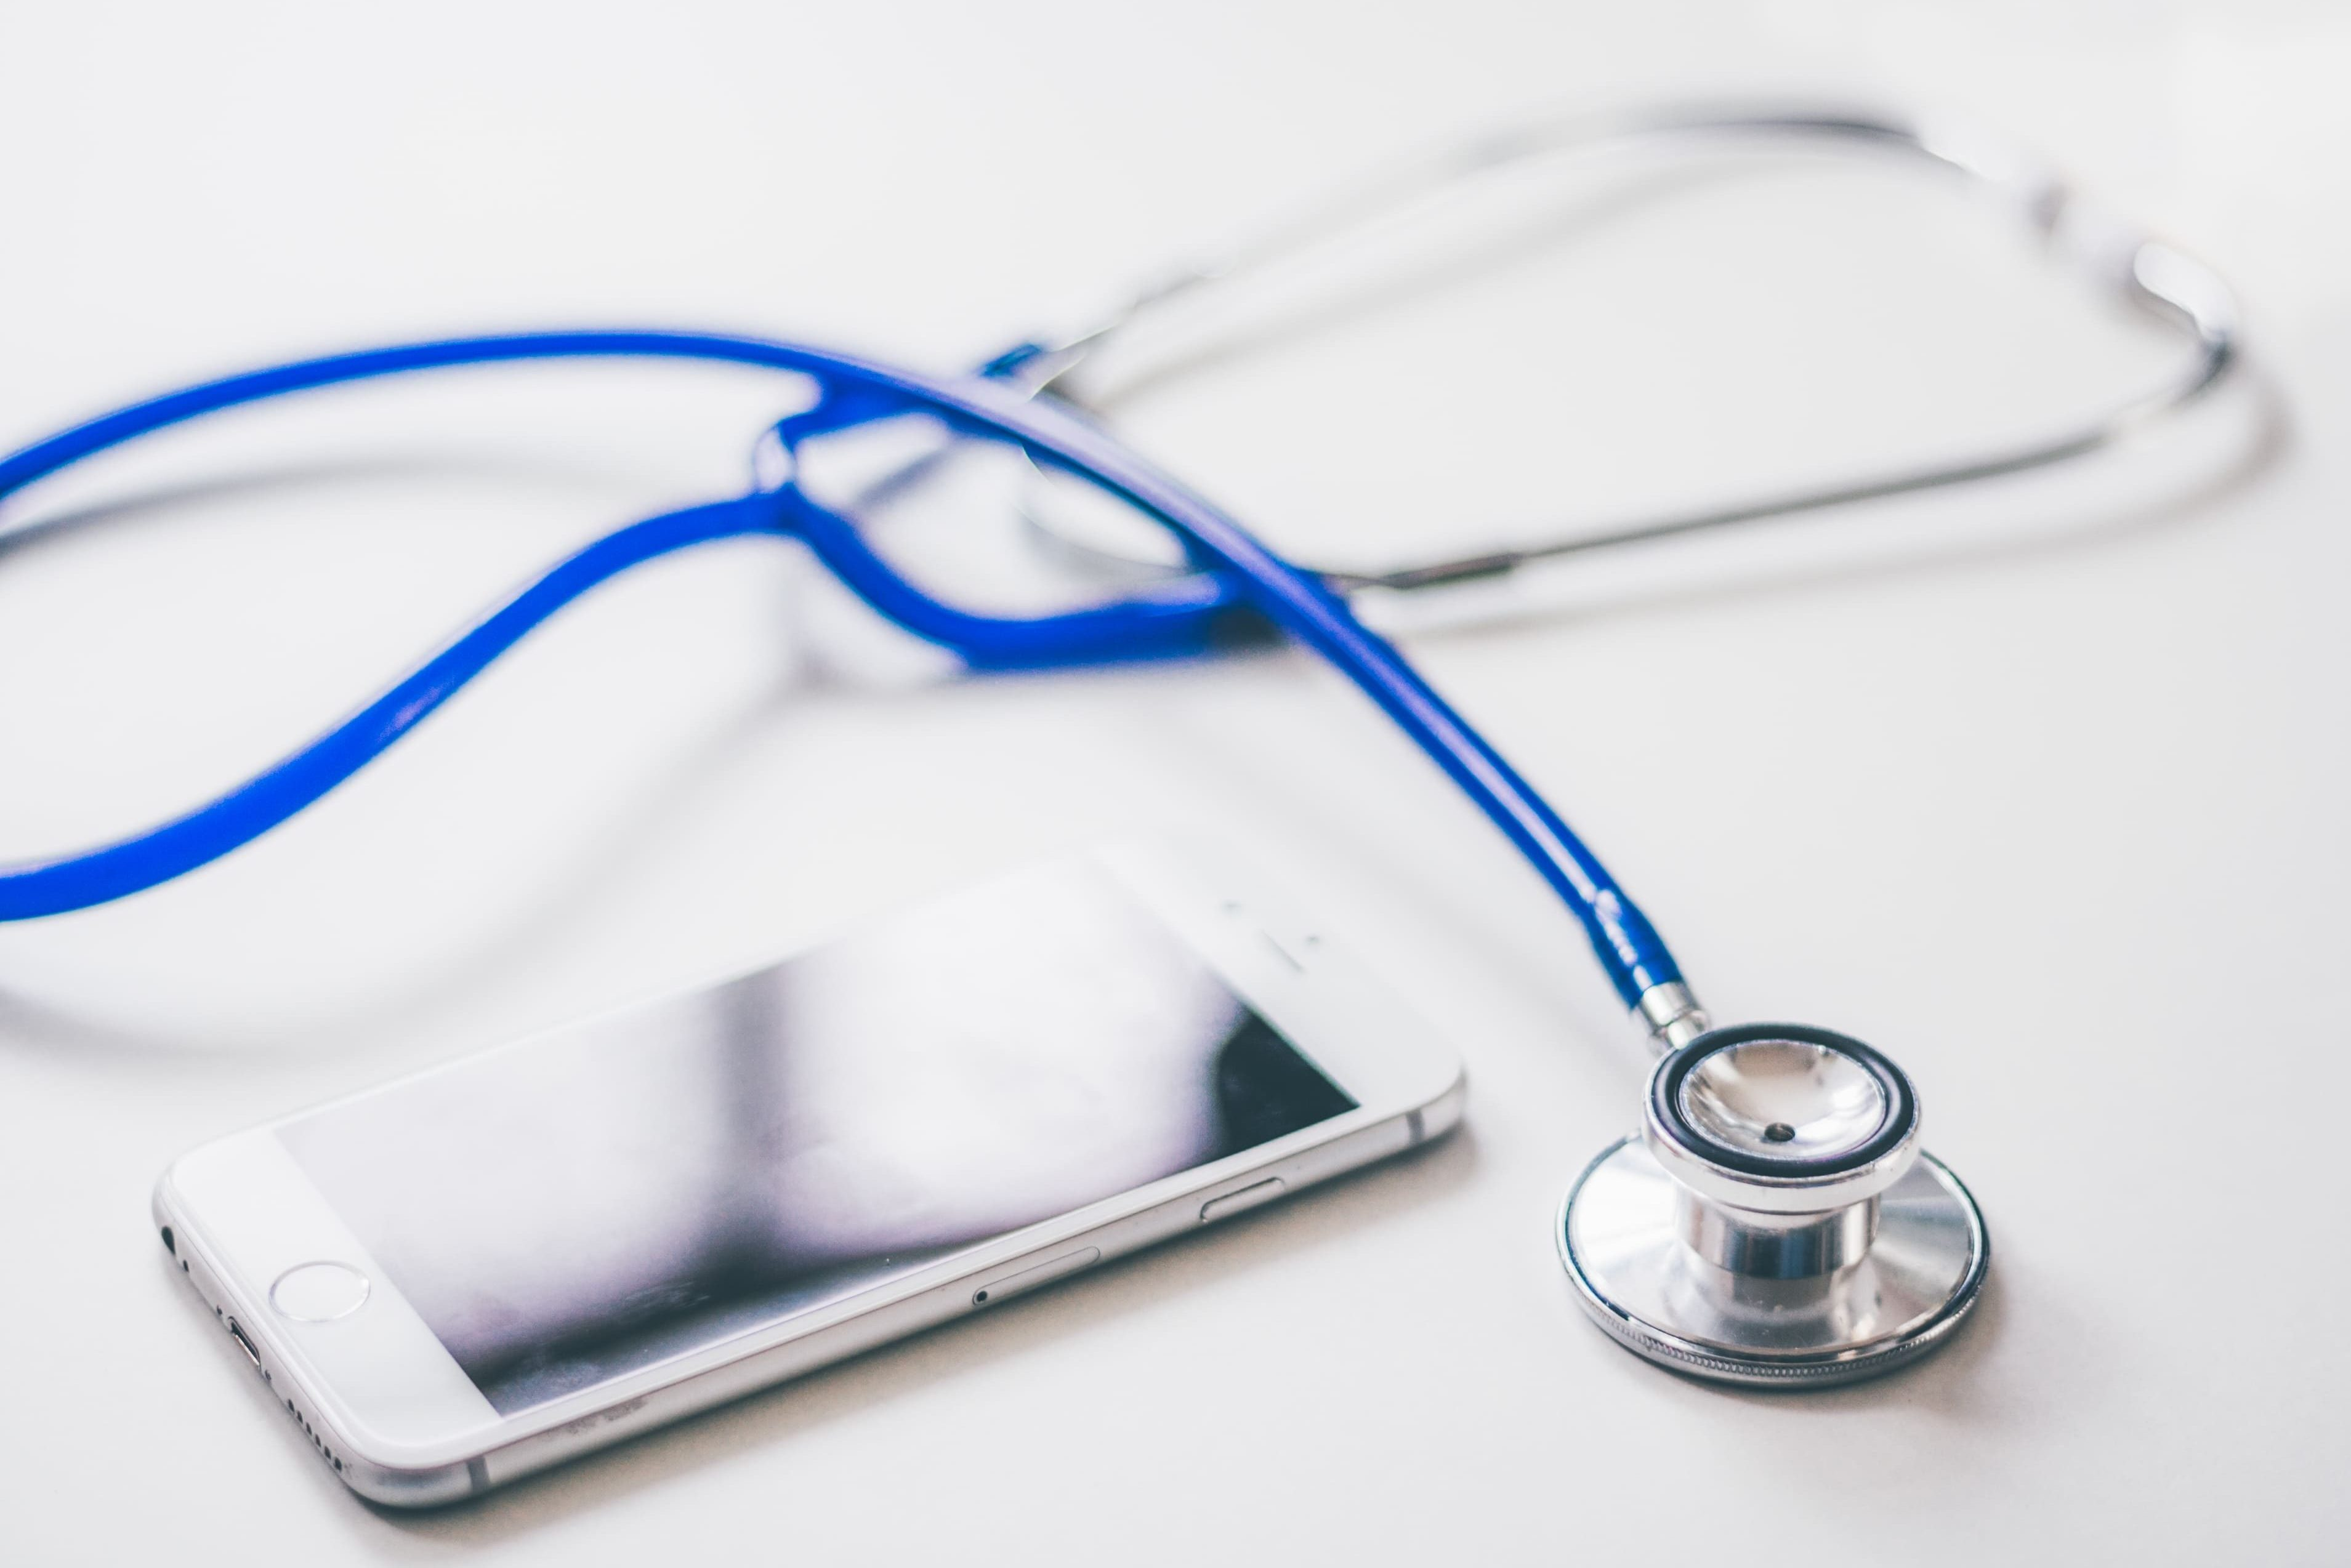 Les malalties psicològiques provocades per les noves tecnologies són cada vegada més habituals.